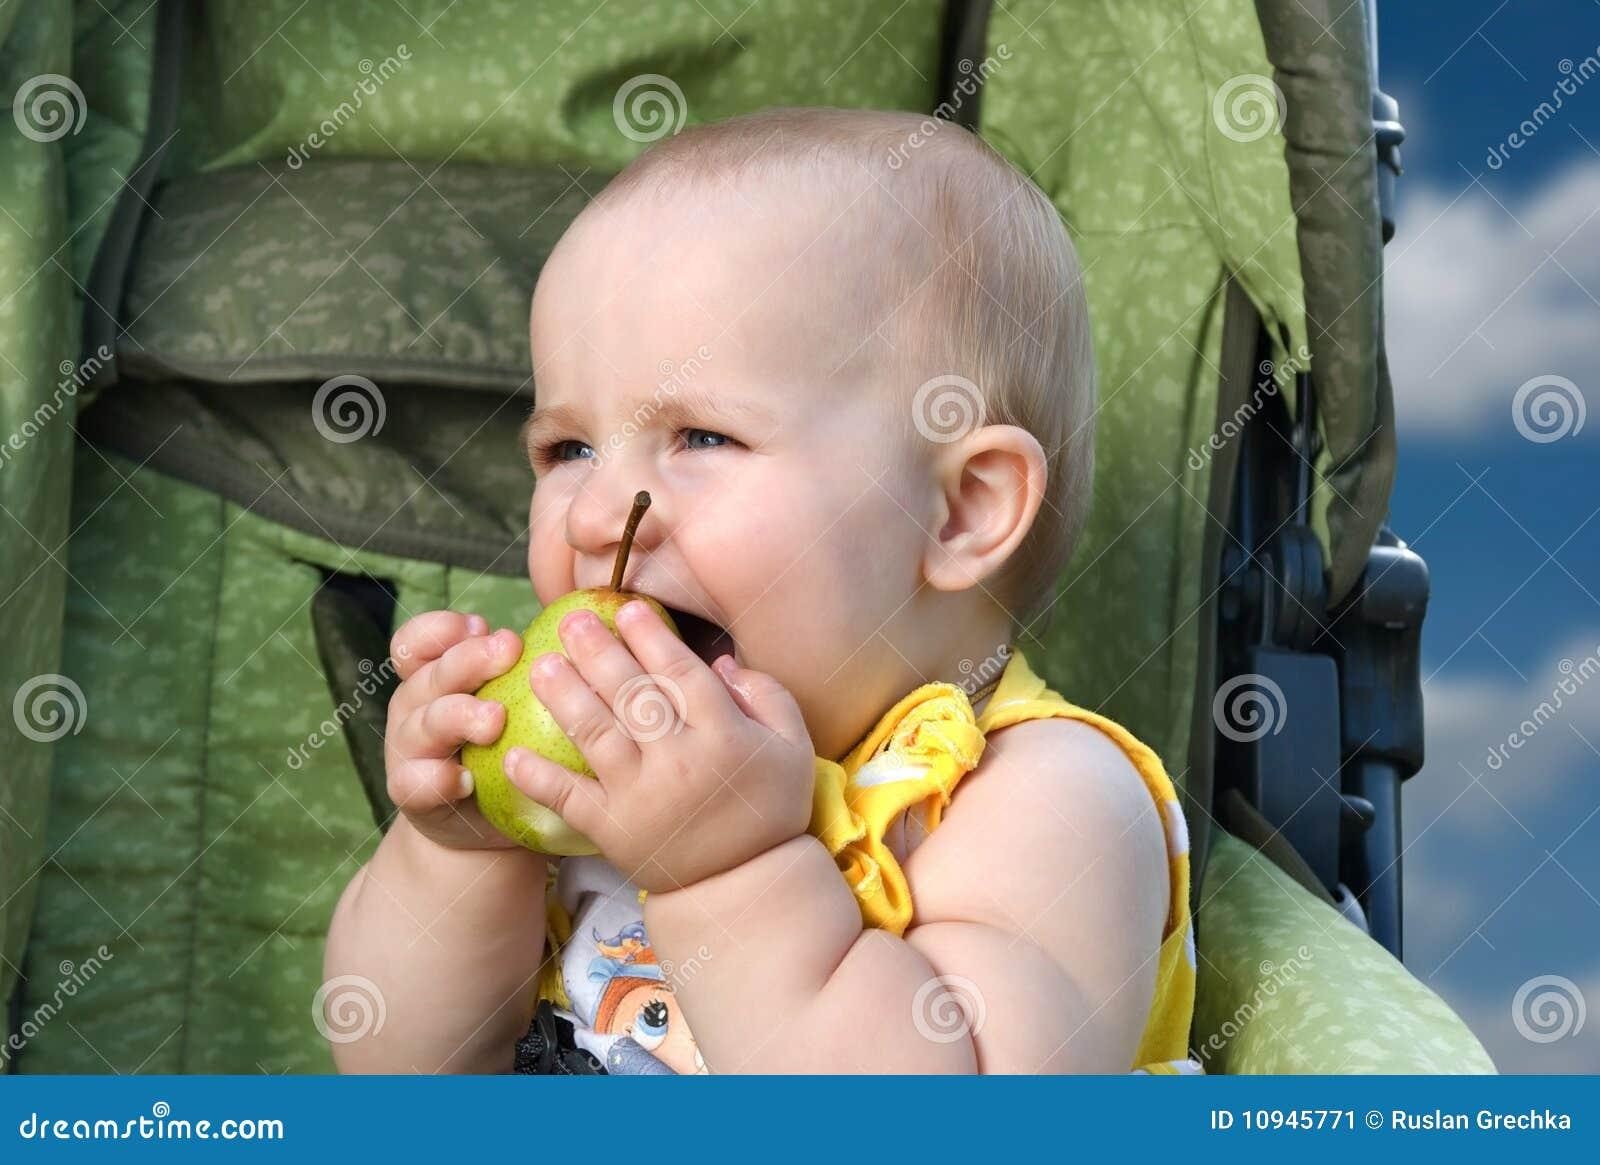 еда s детей